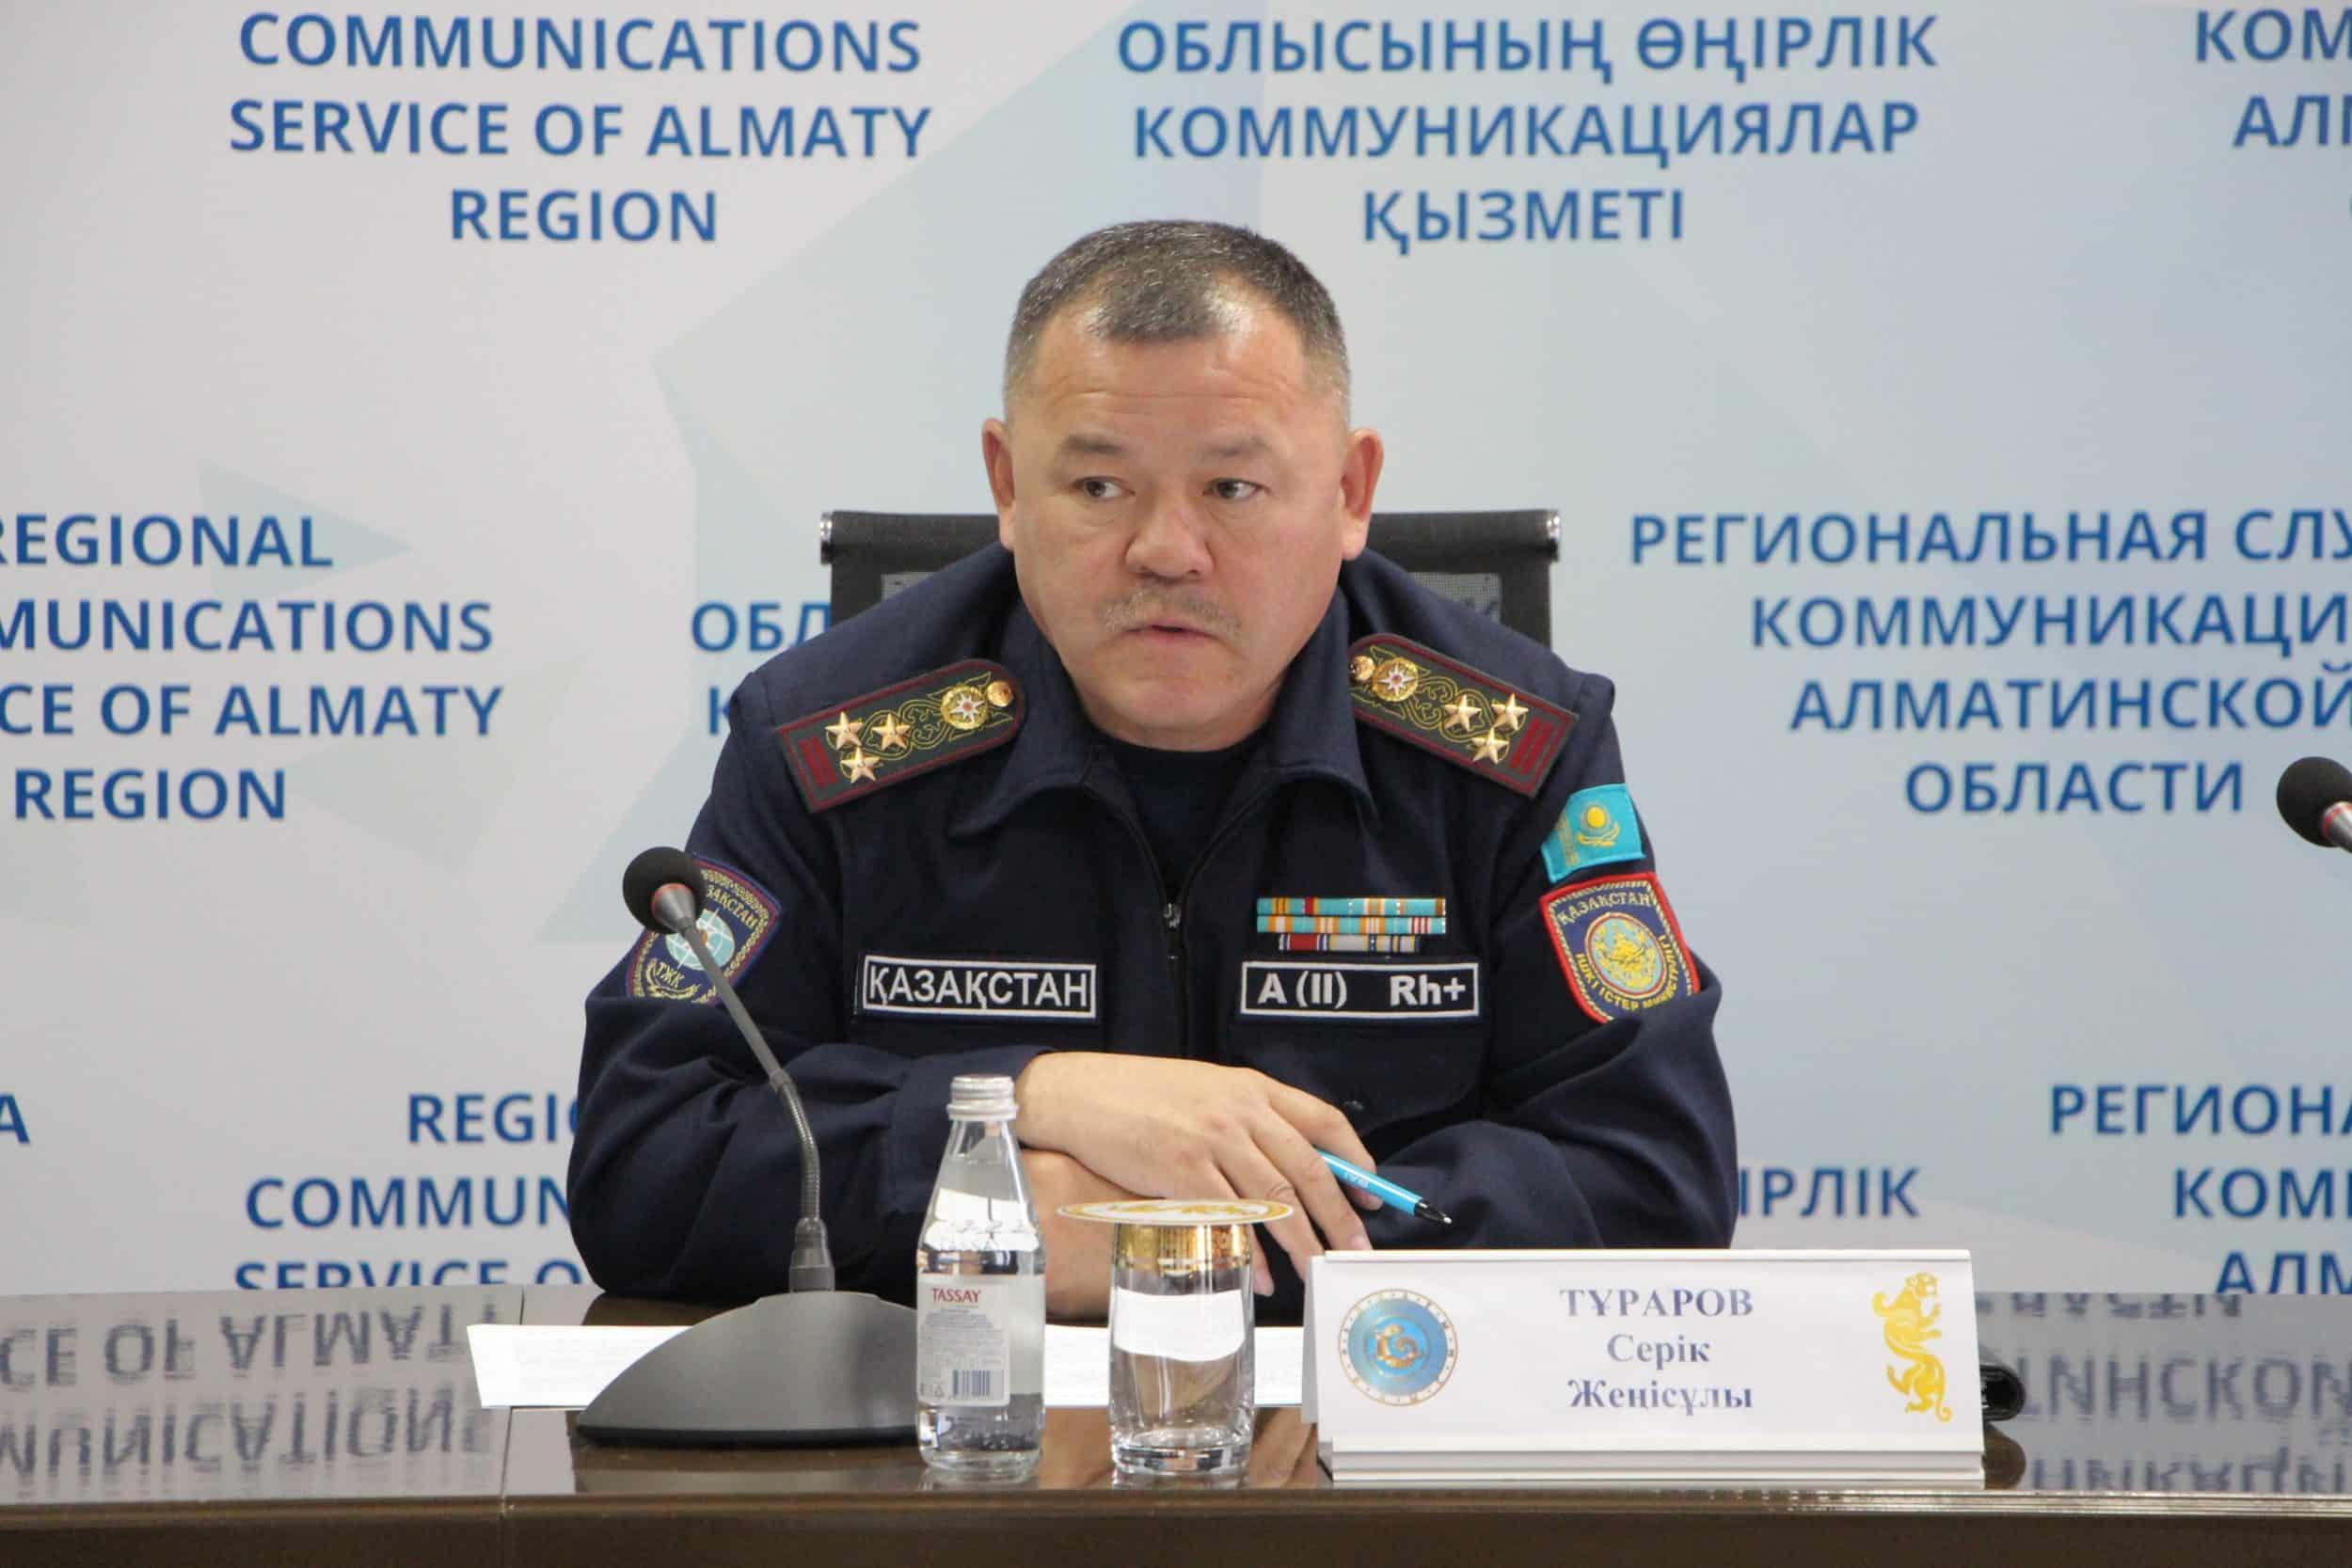 Серік Тұраров